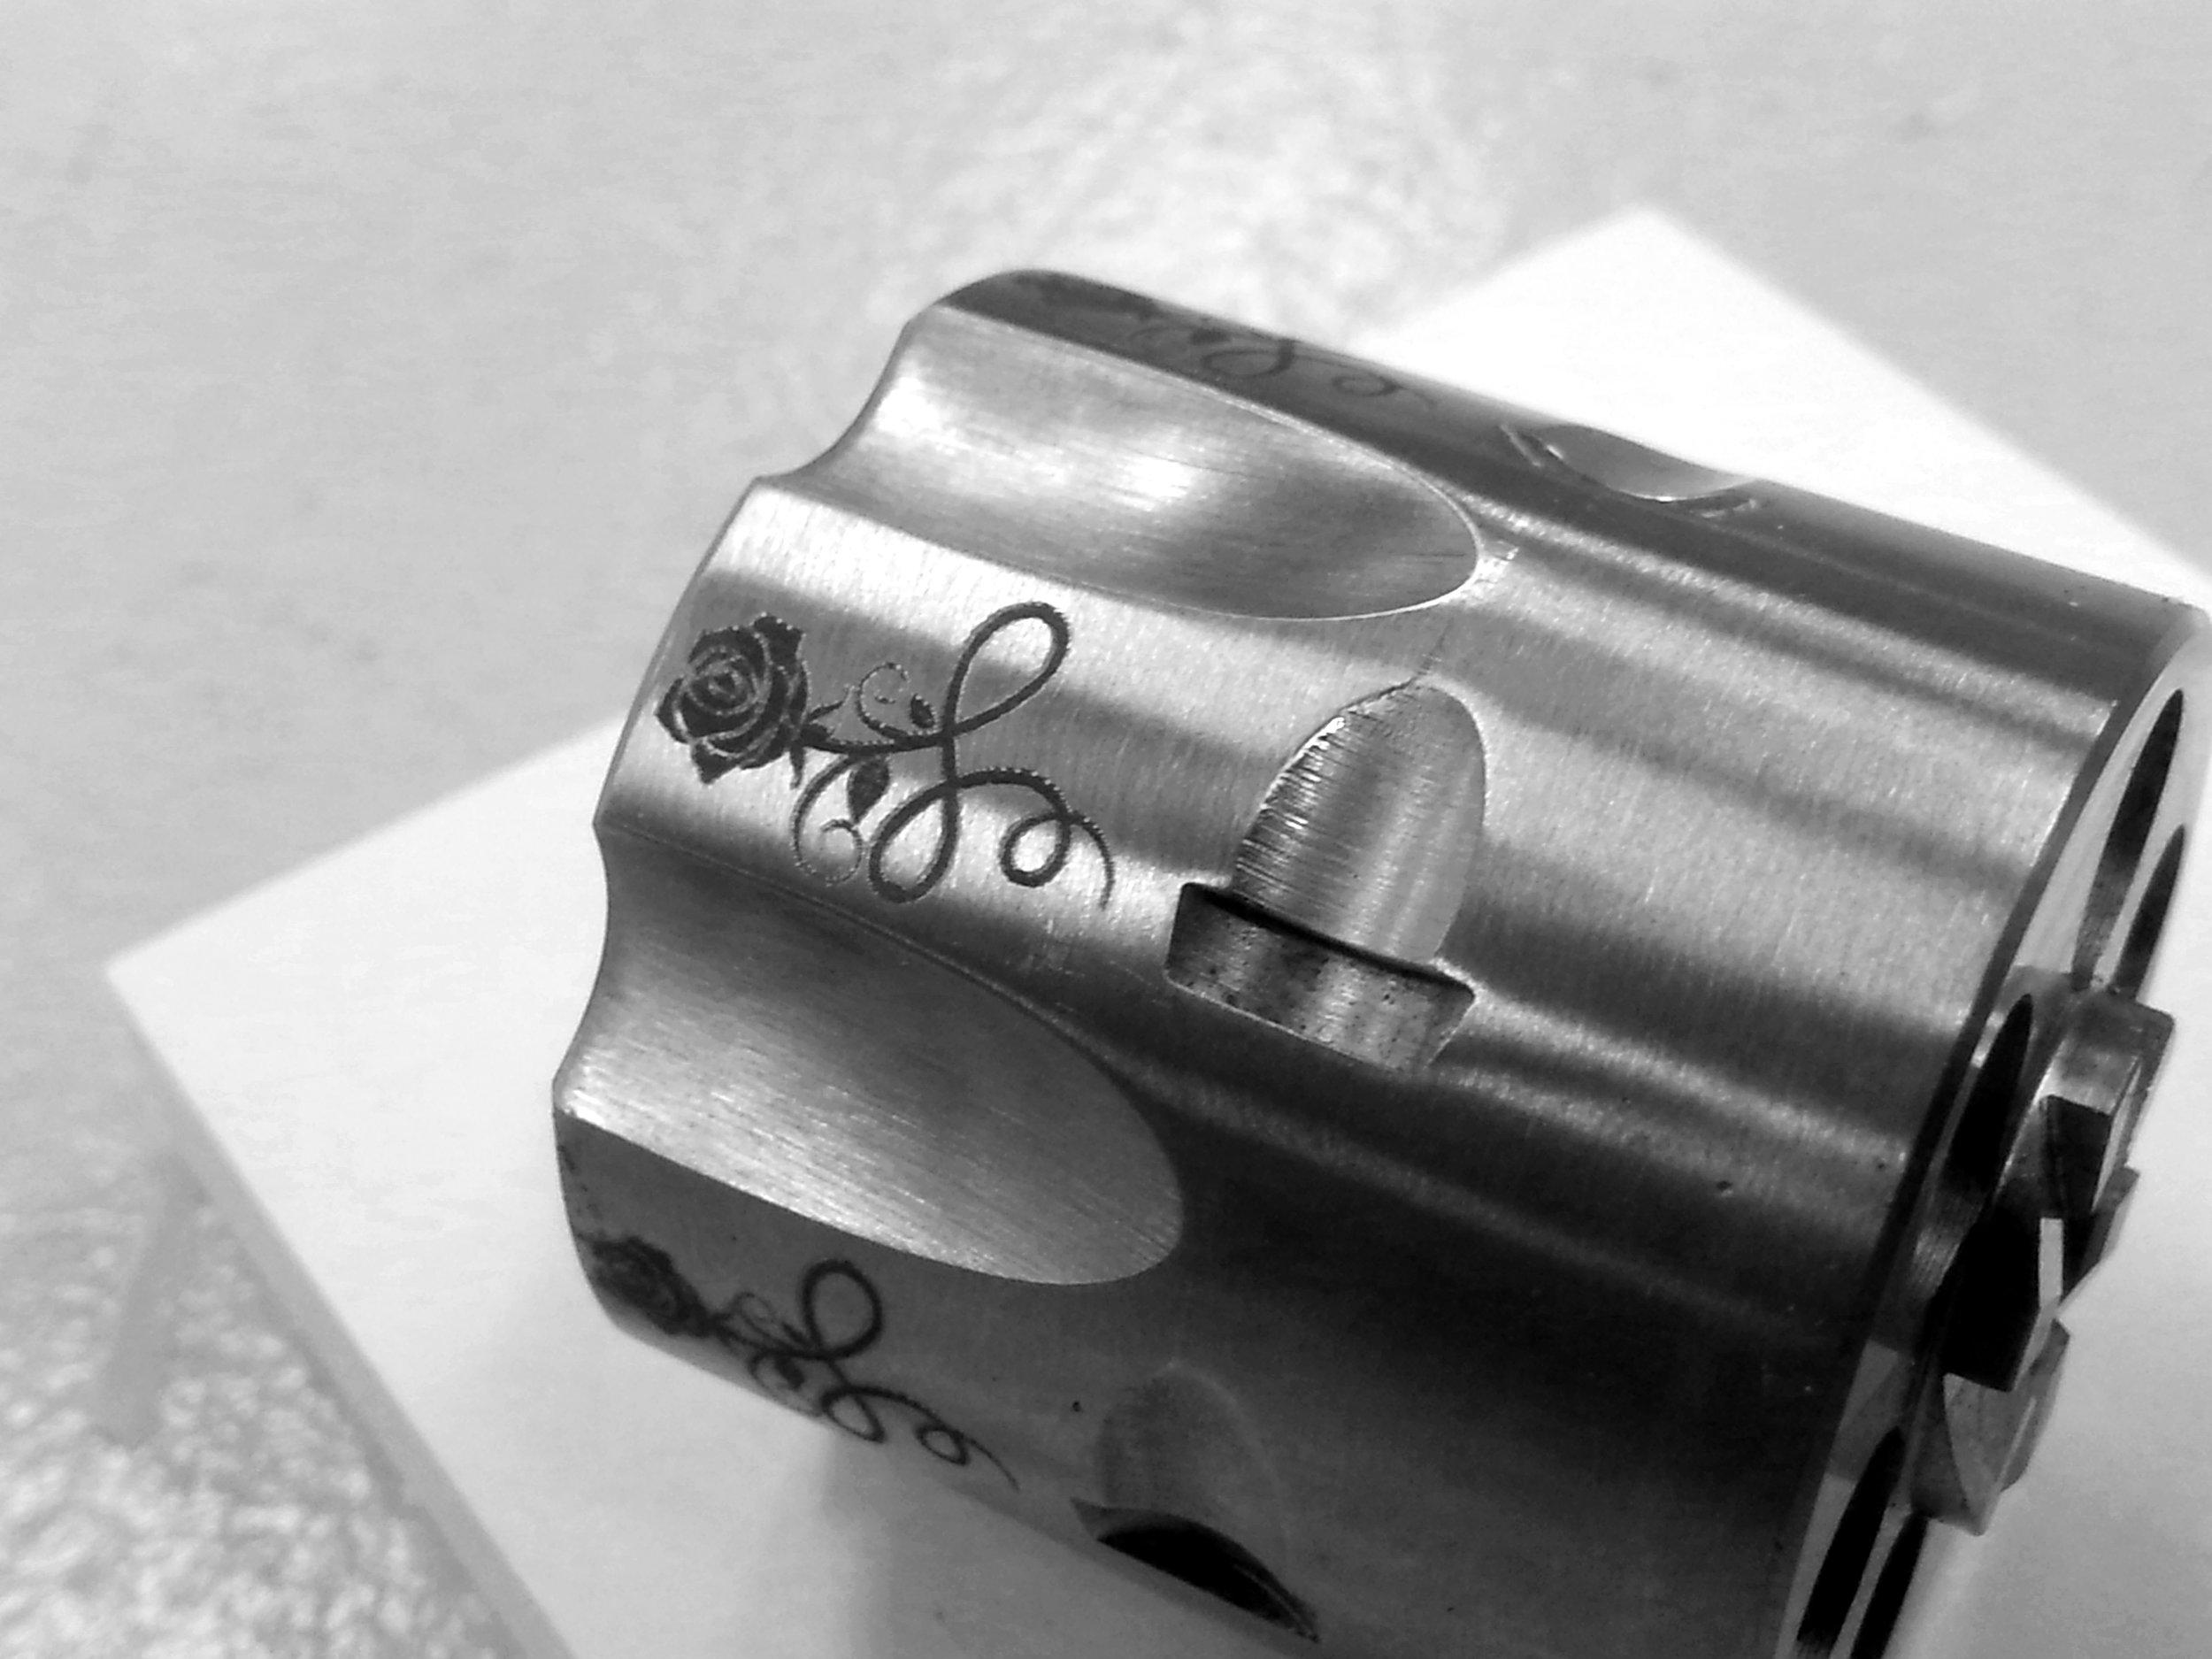 Custom Revolver Laser Engraving - Firearm Laser Engraving - Personalized Firearm Engraving - Personalized Revolver Engraving - Engrave It Houston